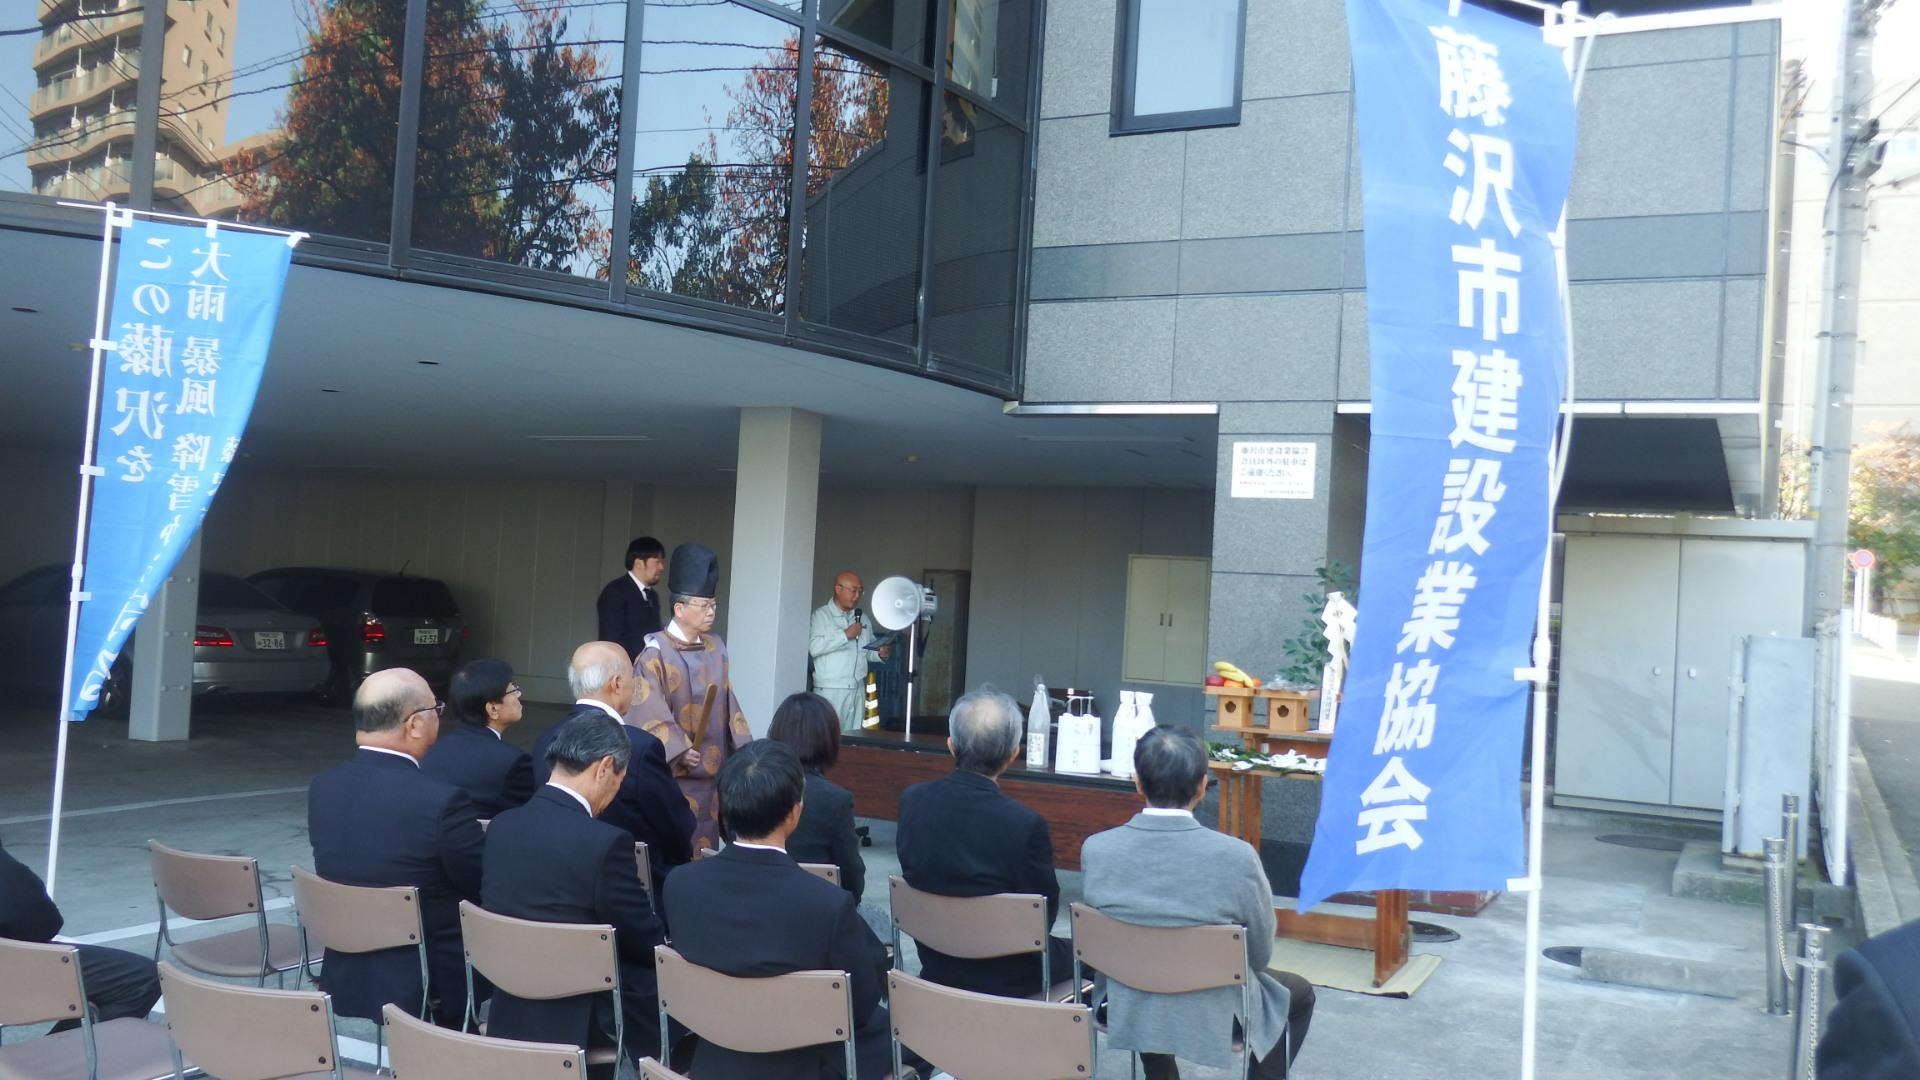 藤沢建設業協会災害用井戸、完成お披露目式_b0170161_9204212.jpg